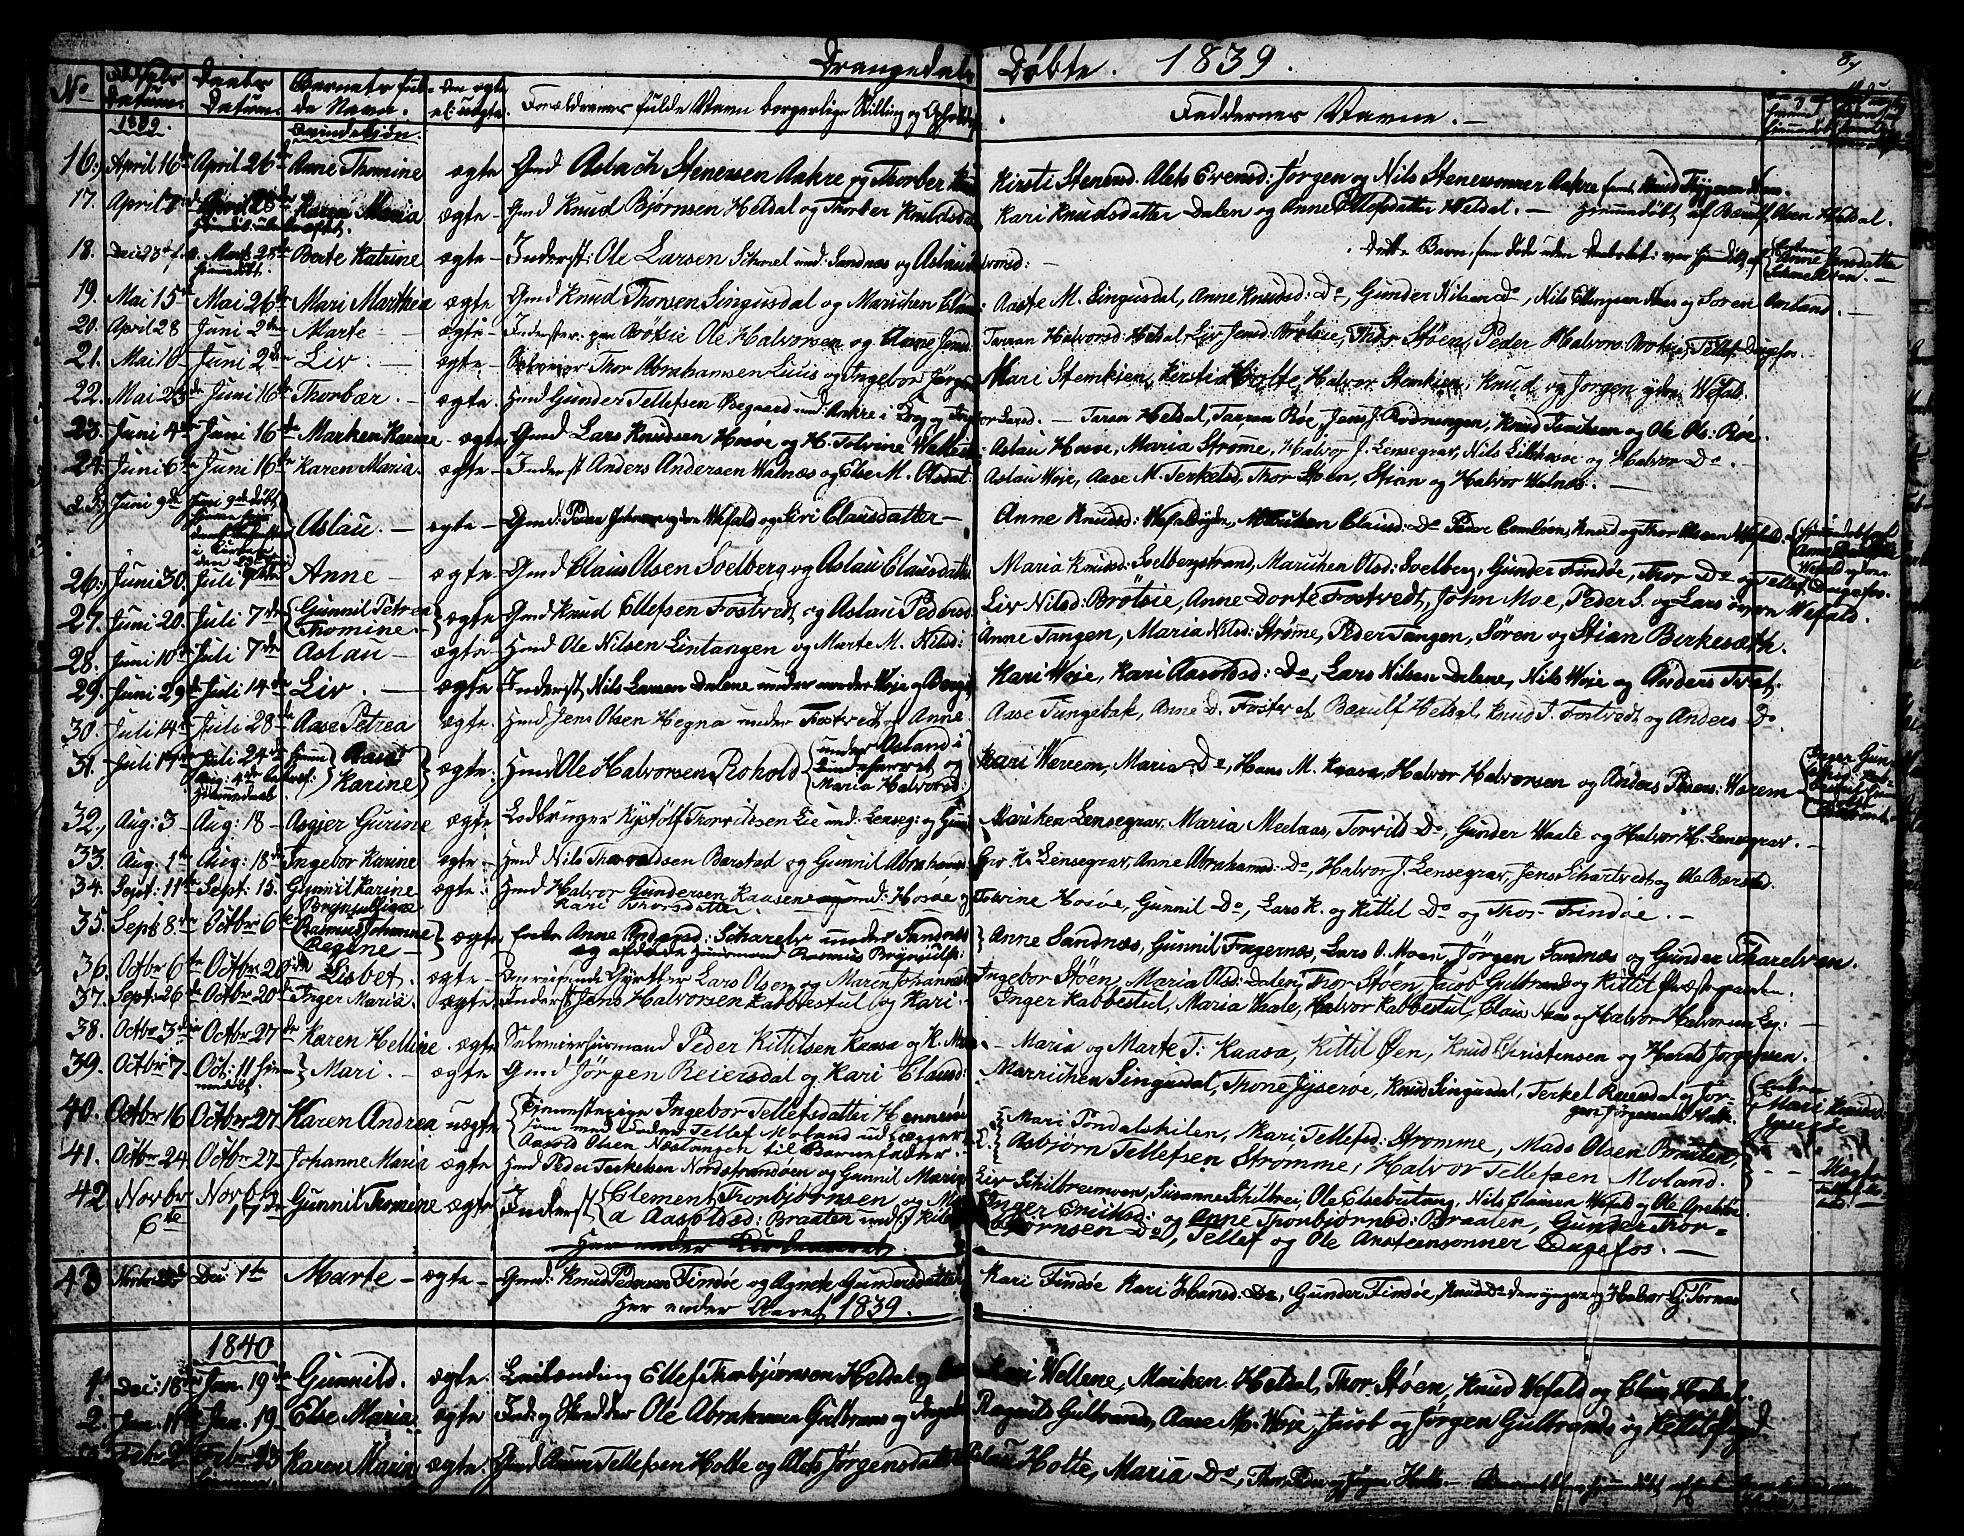 SAKO, Drangedal kirkebøker, G/Ga/L0001: Klokkerbok nr. I 1 /1, 1814-1856, s. 8